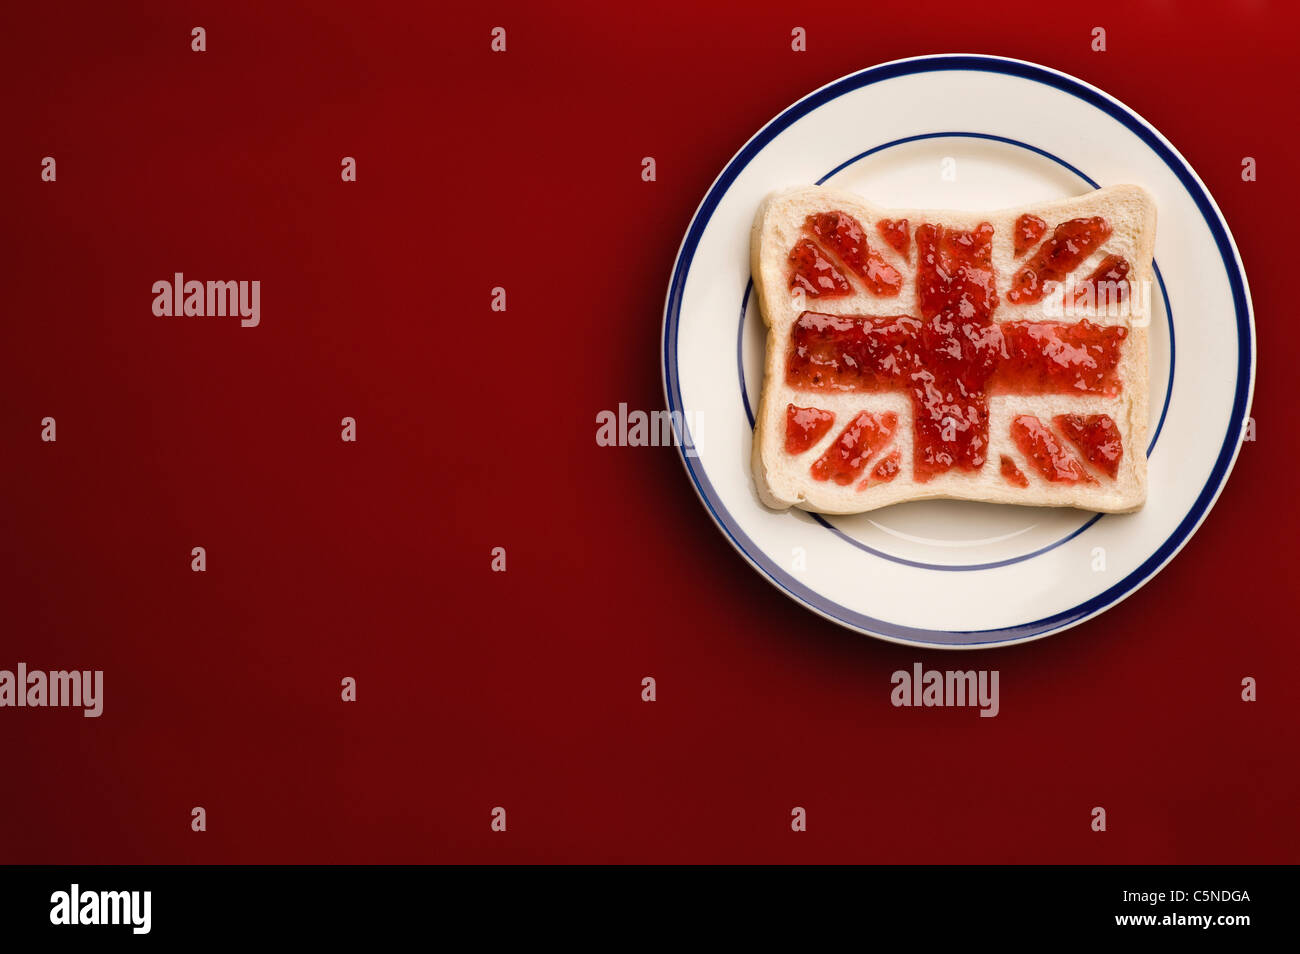 Eine Scheibe Brot mit einem Union Jack-Flagge Erdbeermarmelade Stockbild